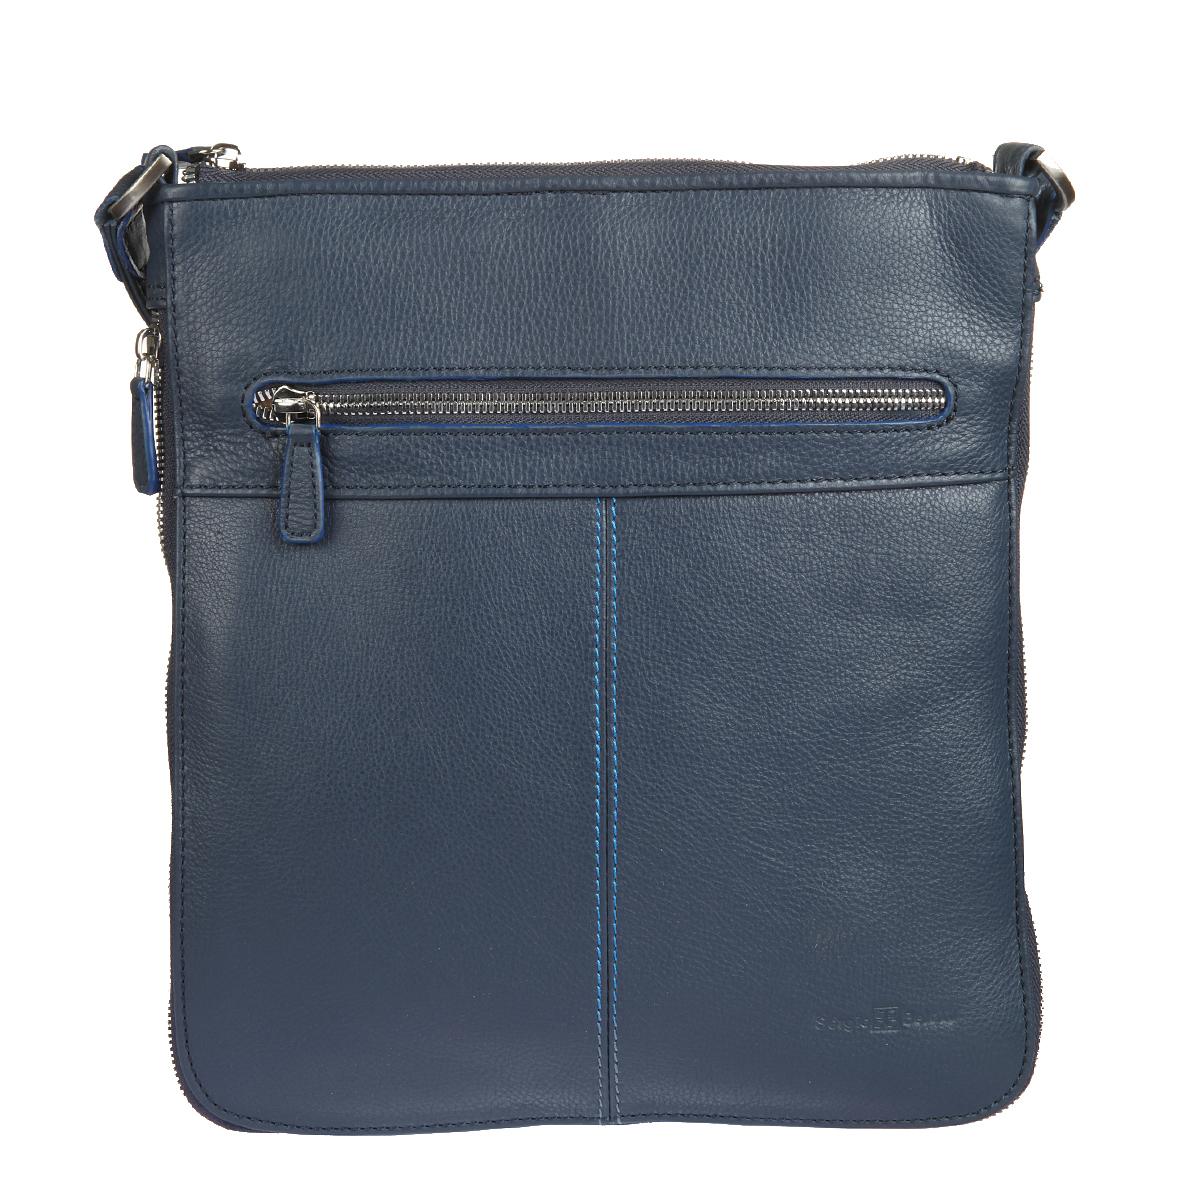 Планшет мужской Sergio Belotti, цвет: синий. 9813 indigo jeans9813 indigo jeansПланшет мужской Sergio Belotti выполнен из натуральной кожи синего цвета. Состоит он из одного отделения, закрывающегося на молнию. Внутри отделения расположены вшитый карман на пластиковой молнии и два накладных кармашка для мобильного телефона или мелких предметов. Снаружи на передней и задней стенках расположены вшитые горизонтальные карманы на молниях. По периметру планшета расположена молния, за счет которой можно увеличить ширину планшета до 7 см. Планшет оснащен плечевым ремнем регулируемой длины, также к нему прилагается фирменный текстильный чехол для его бережного хранения. Этот стильный аксессуар станет изысканным дополнением к вашему образу и отличным подарком!